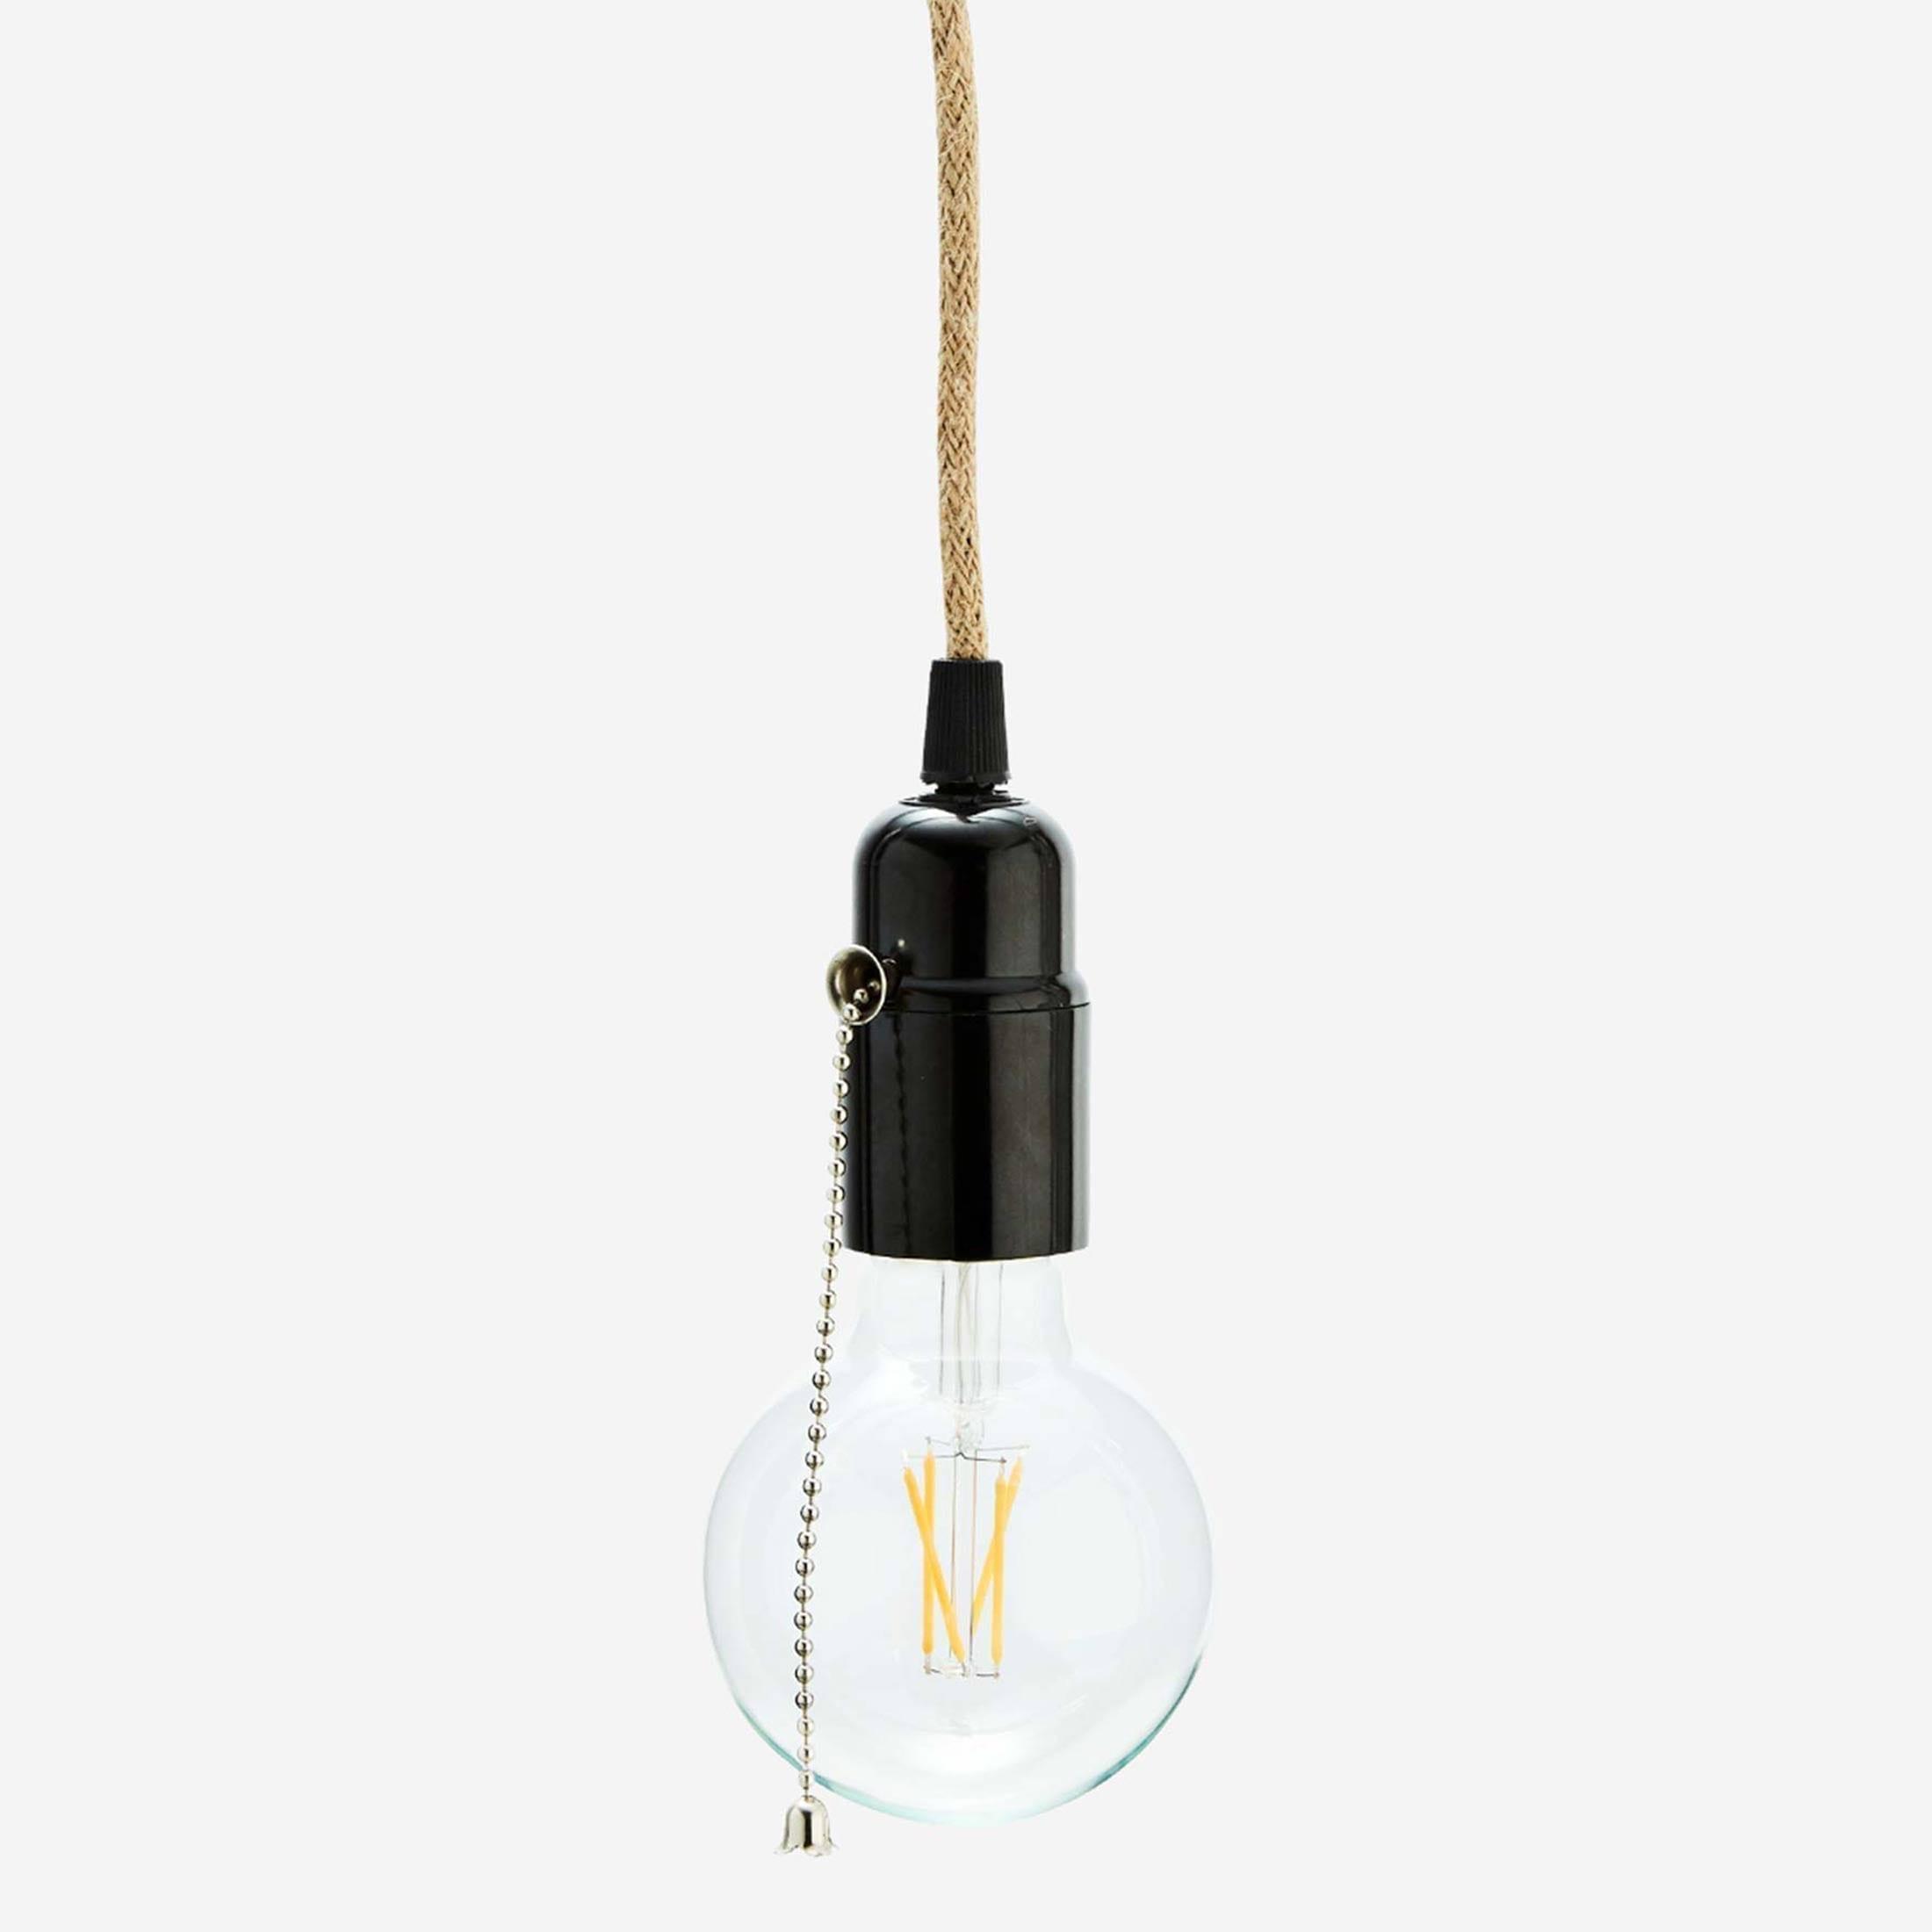 Lampenfassung aus Seil mit Schalter im maritimen & dezenten Look für E27 Glühbirnen & alle Madam Stoltz Lampen. Hübsche Lampenkabel aus Jute als Elektrik